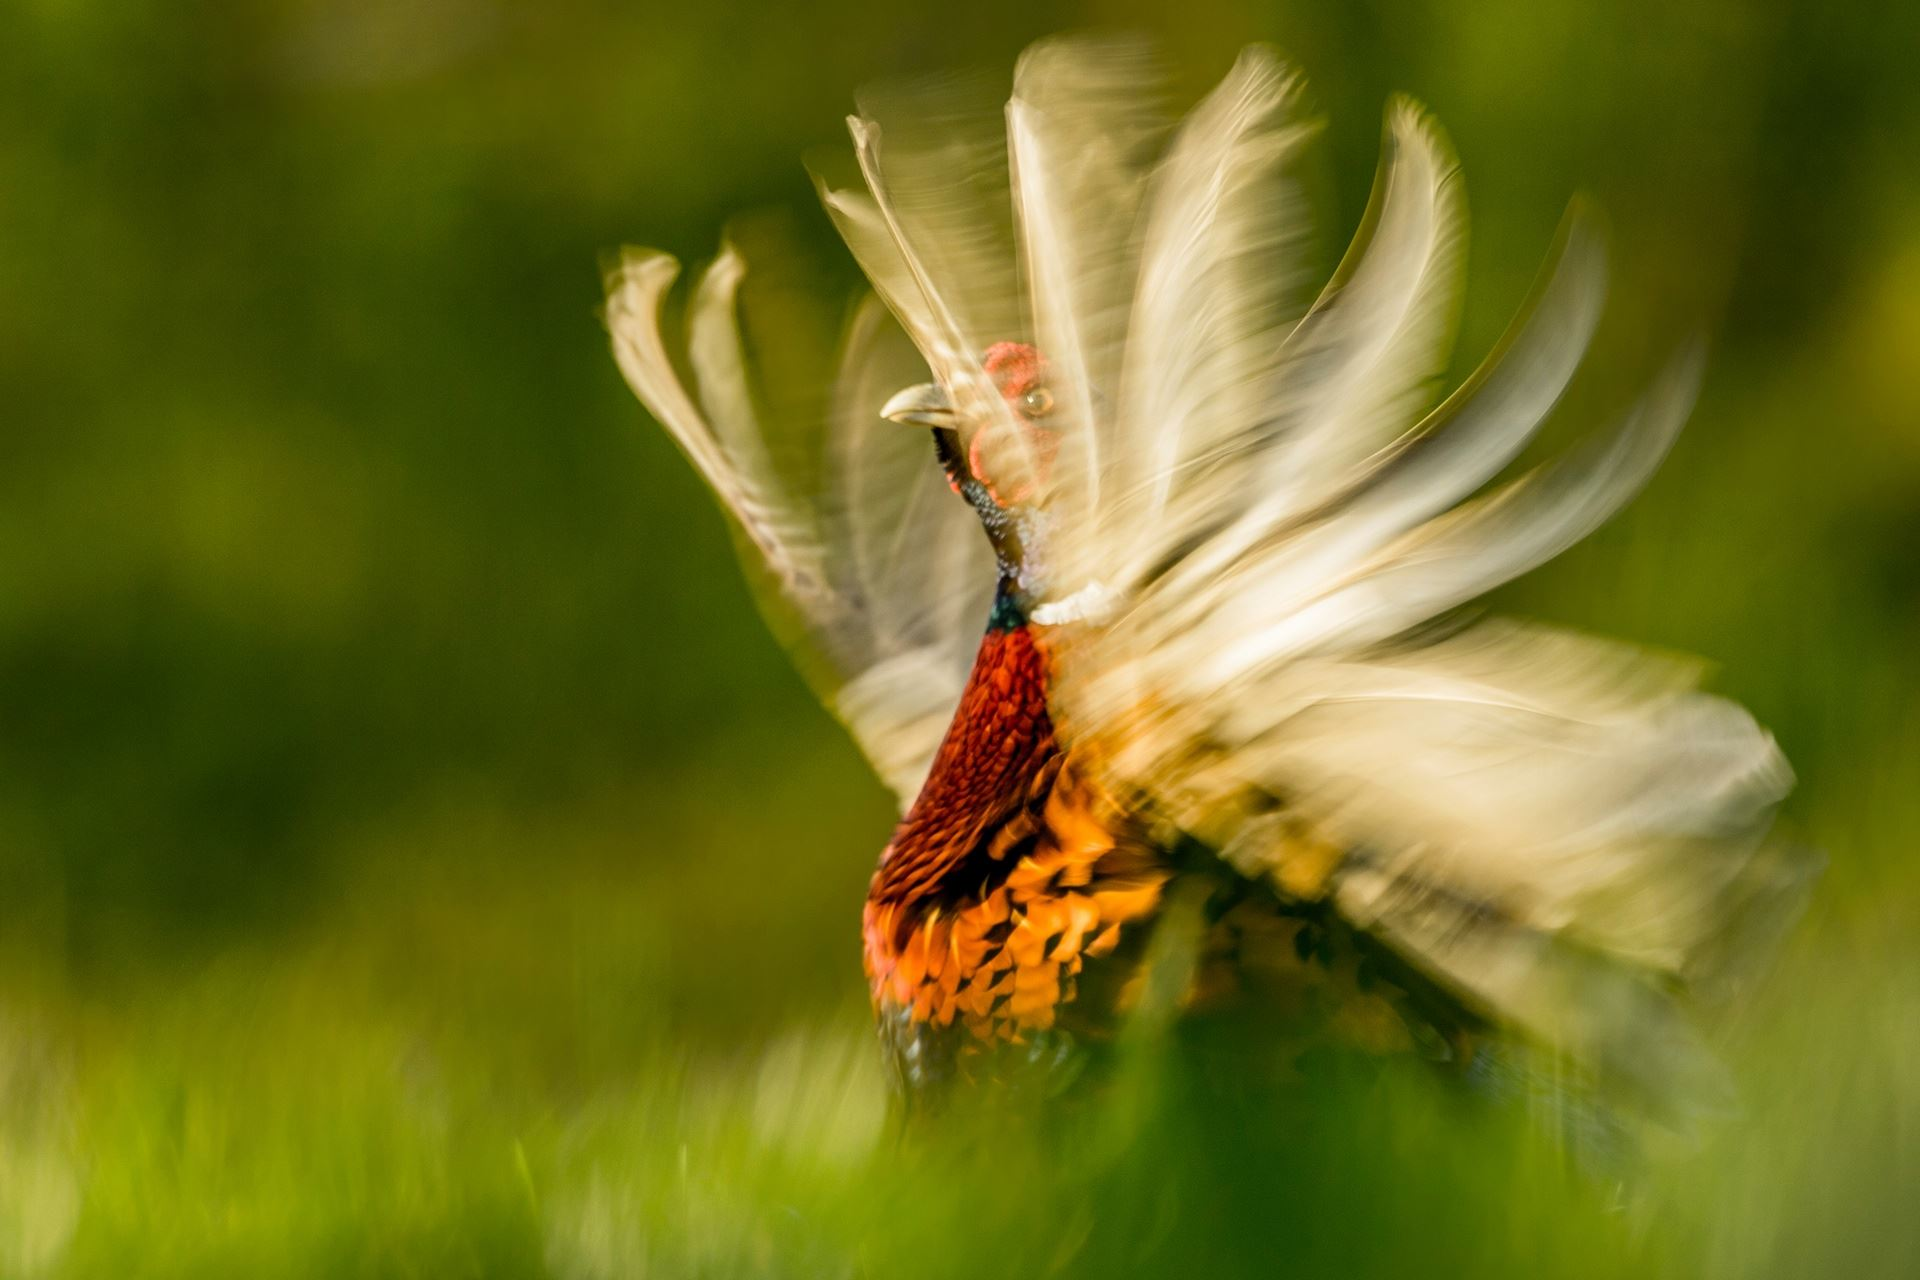 """""""Exibição do faisão"""", por Kris Worsley - vencedor na categoria comportamento animal. Fotografia realizada em Nottinghamshire, Inglaterra"""